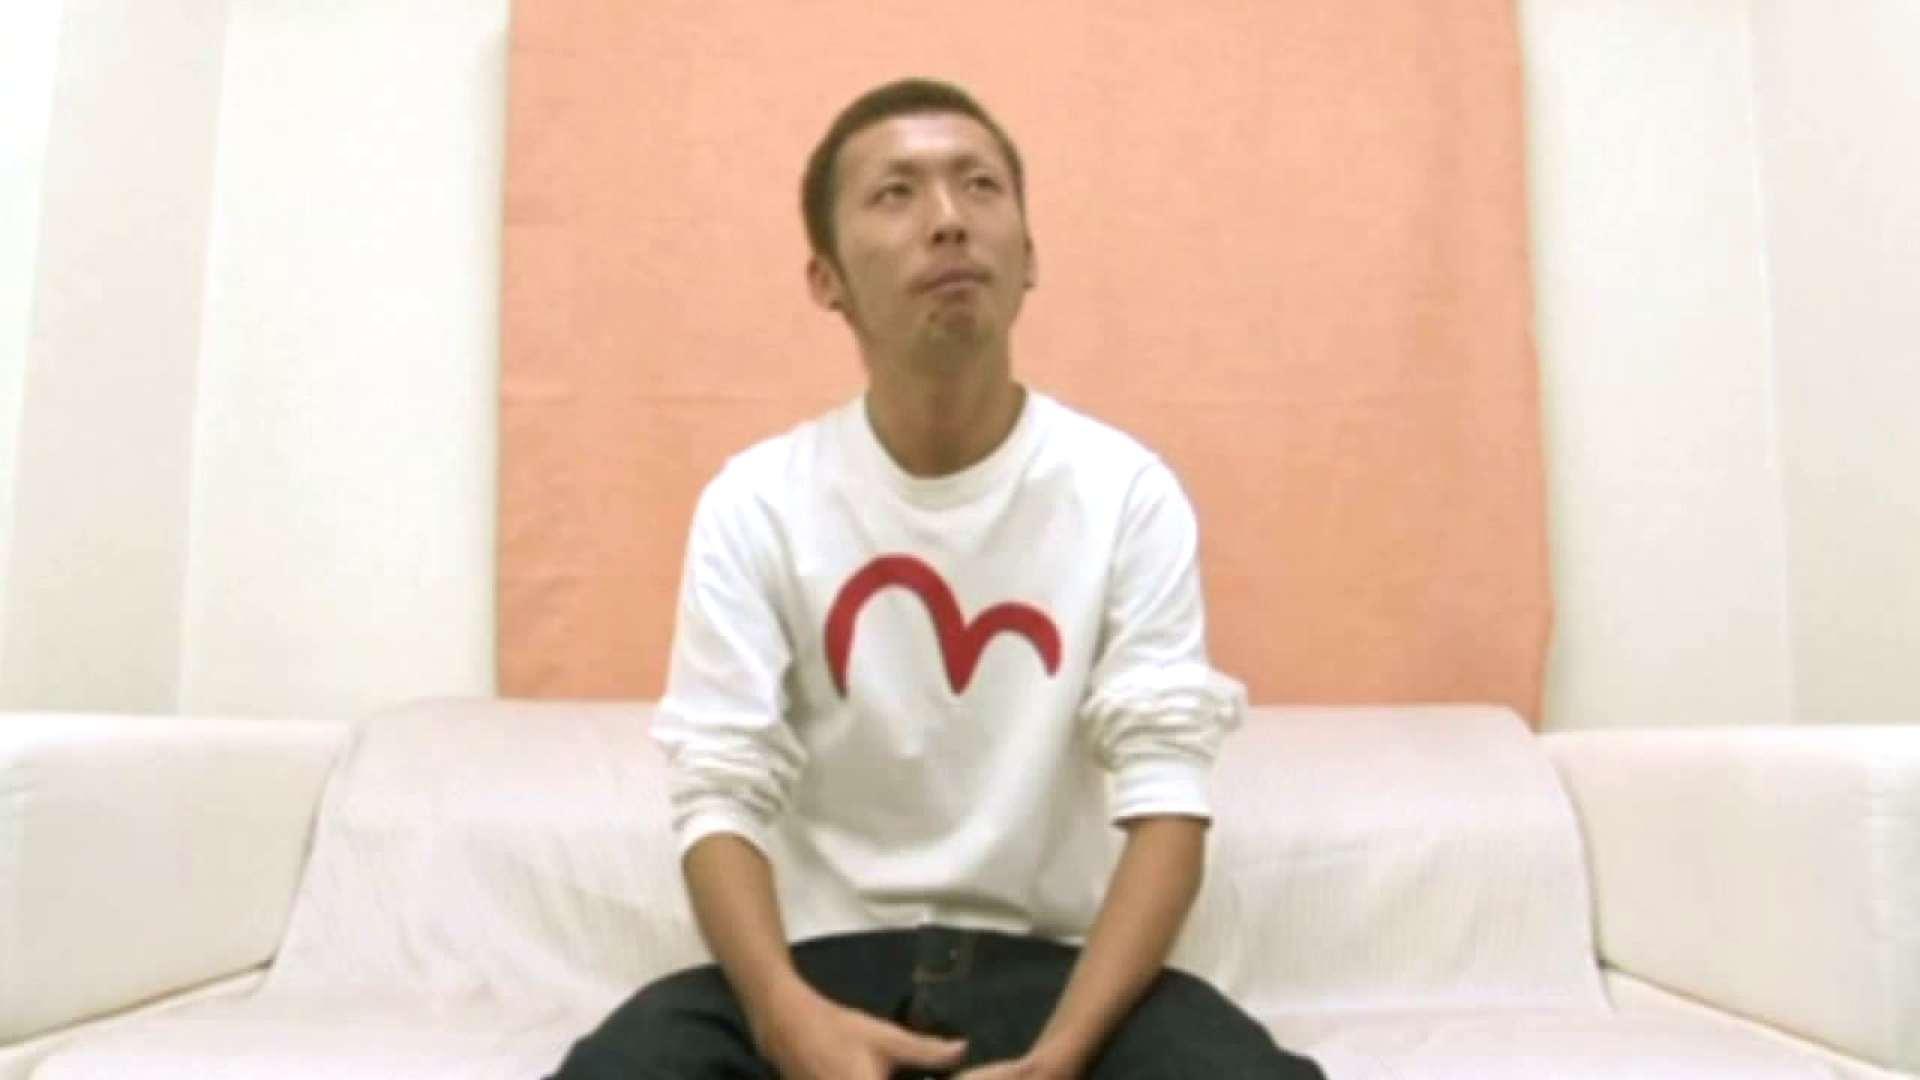 ノンケ!自慰スタジオ No.11 男の裸 ゲイザーメン画像 78pic